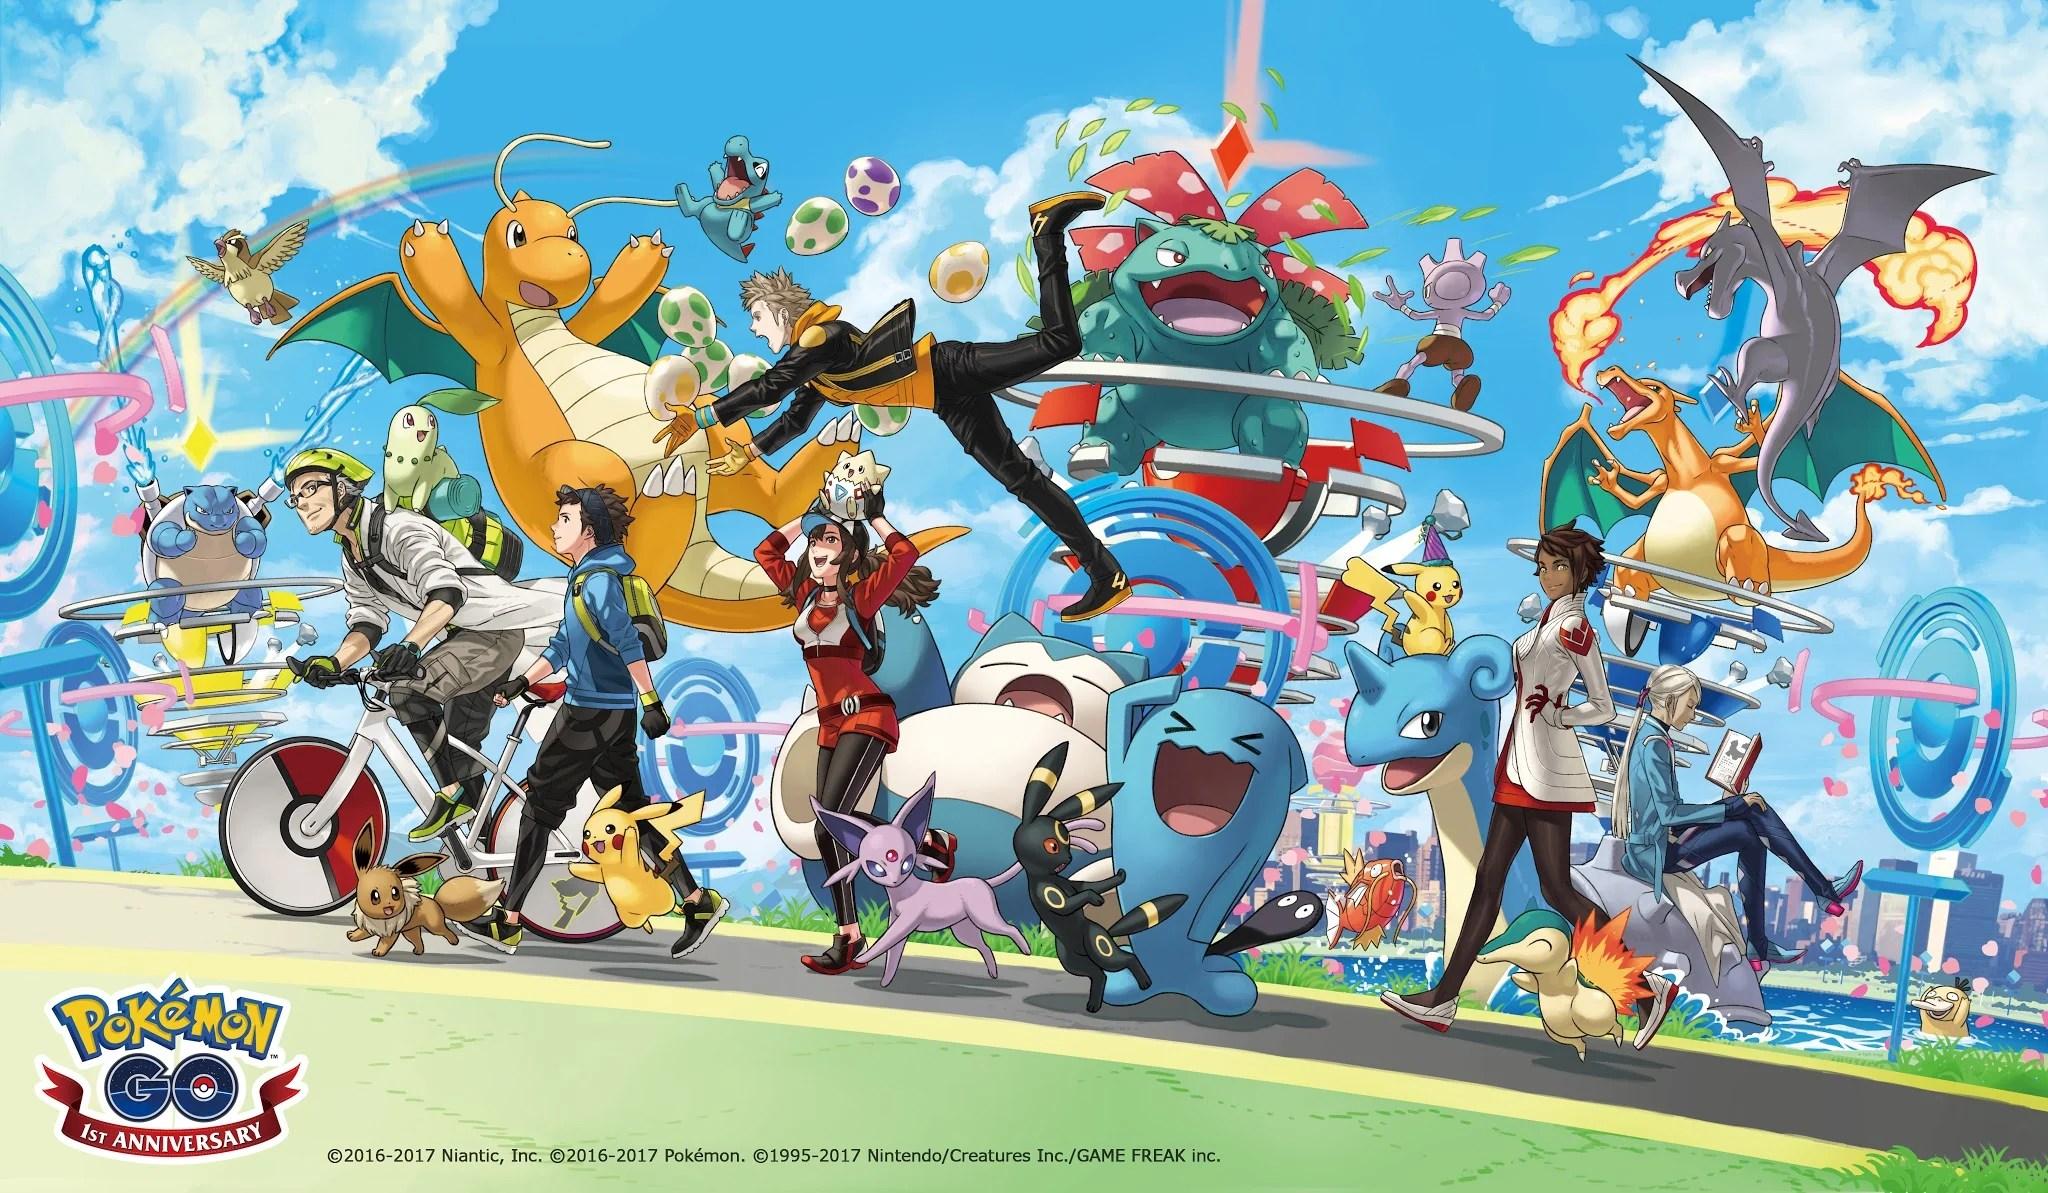 Pokémon Go : des quêtes offrant des Pokémon rares pourraient arriver